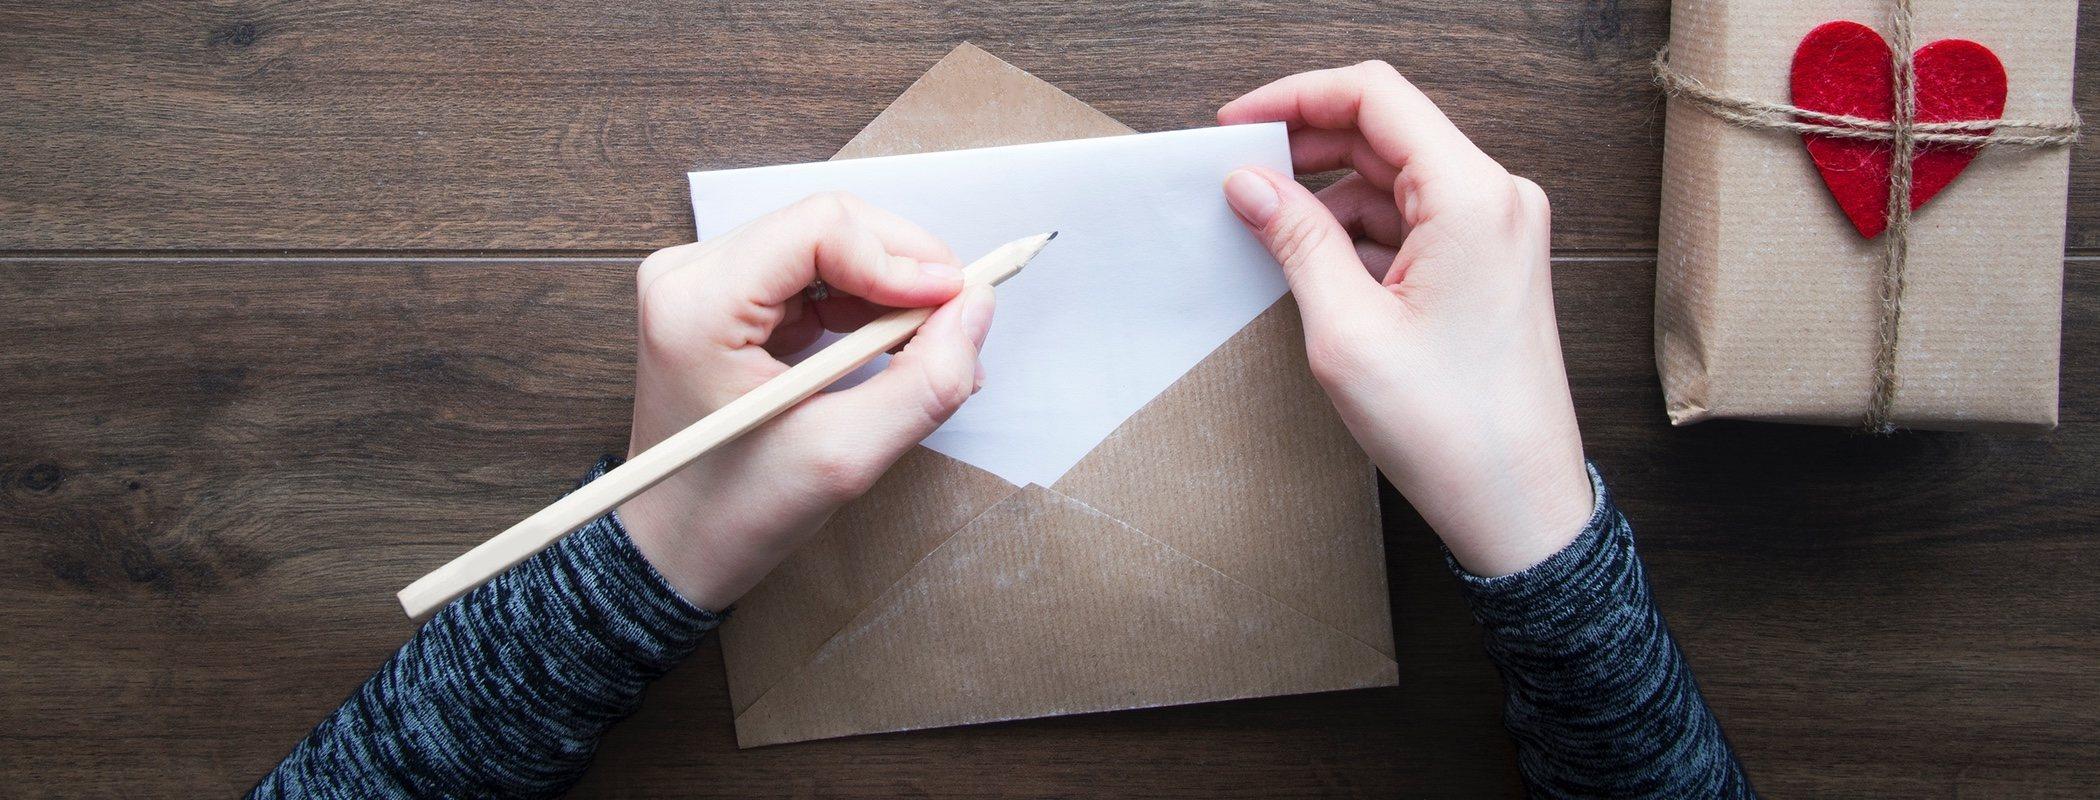 Cartas de amor para pedir perdón a tu pareja